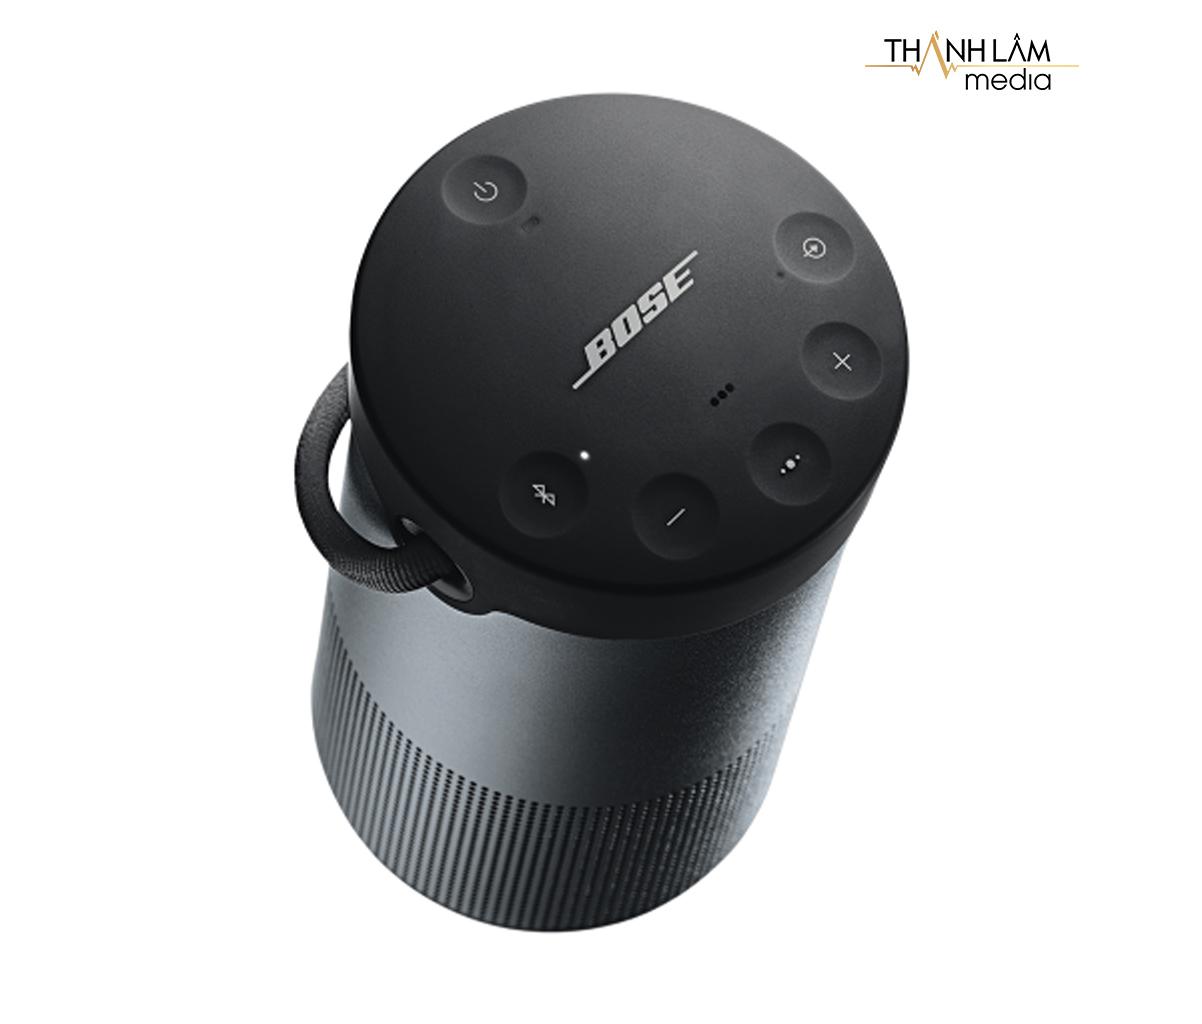 Loa-Bose-SoundLink-Revolve-Plus-Den-3